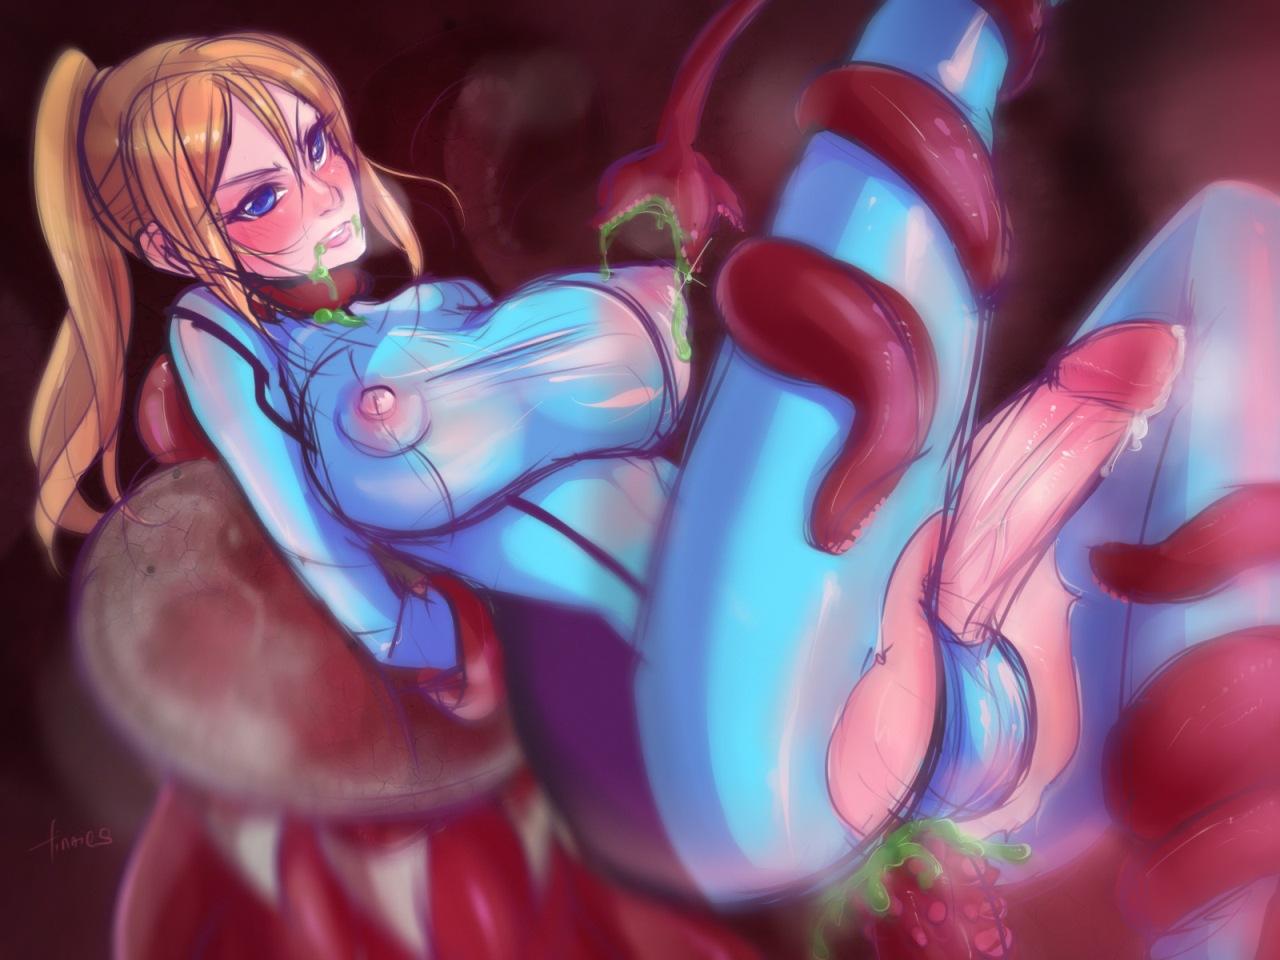 Porno hentai sci-fi smut gallery